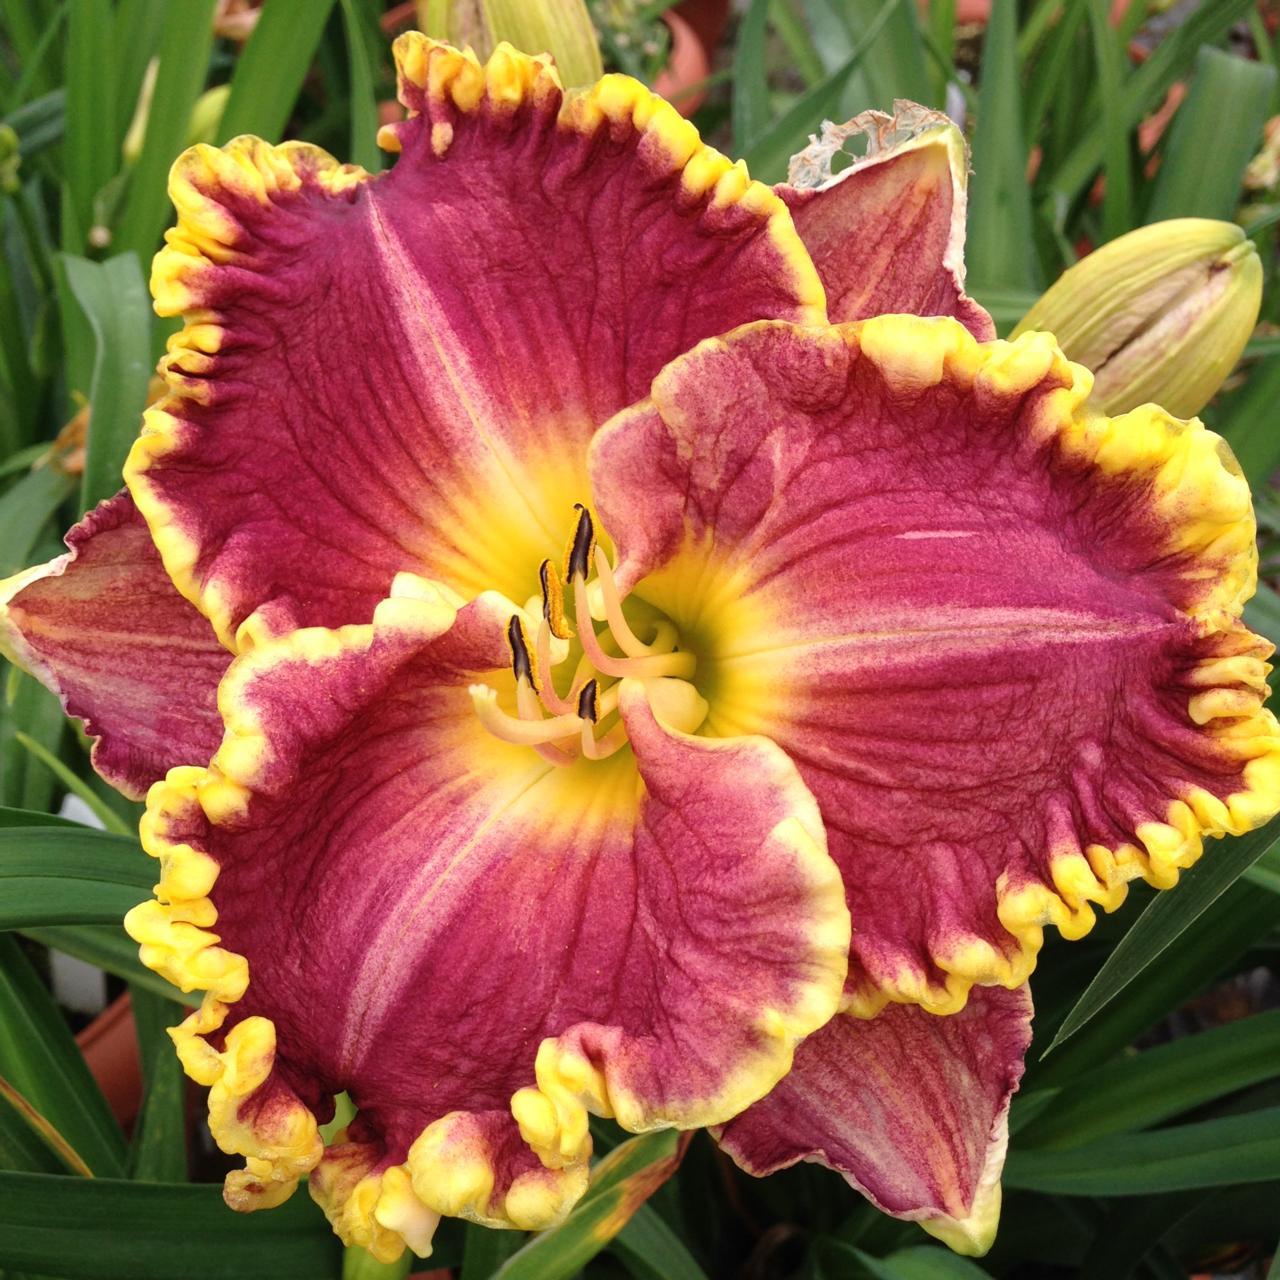 Hemerocallis 'Daria' plant